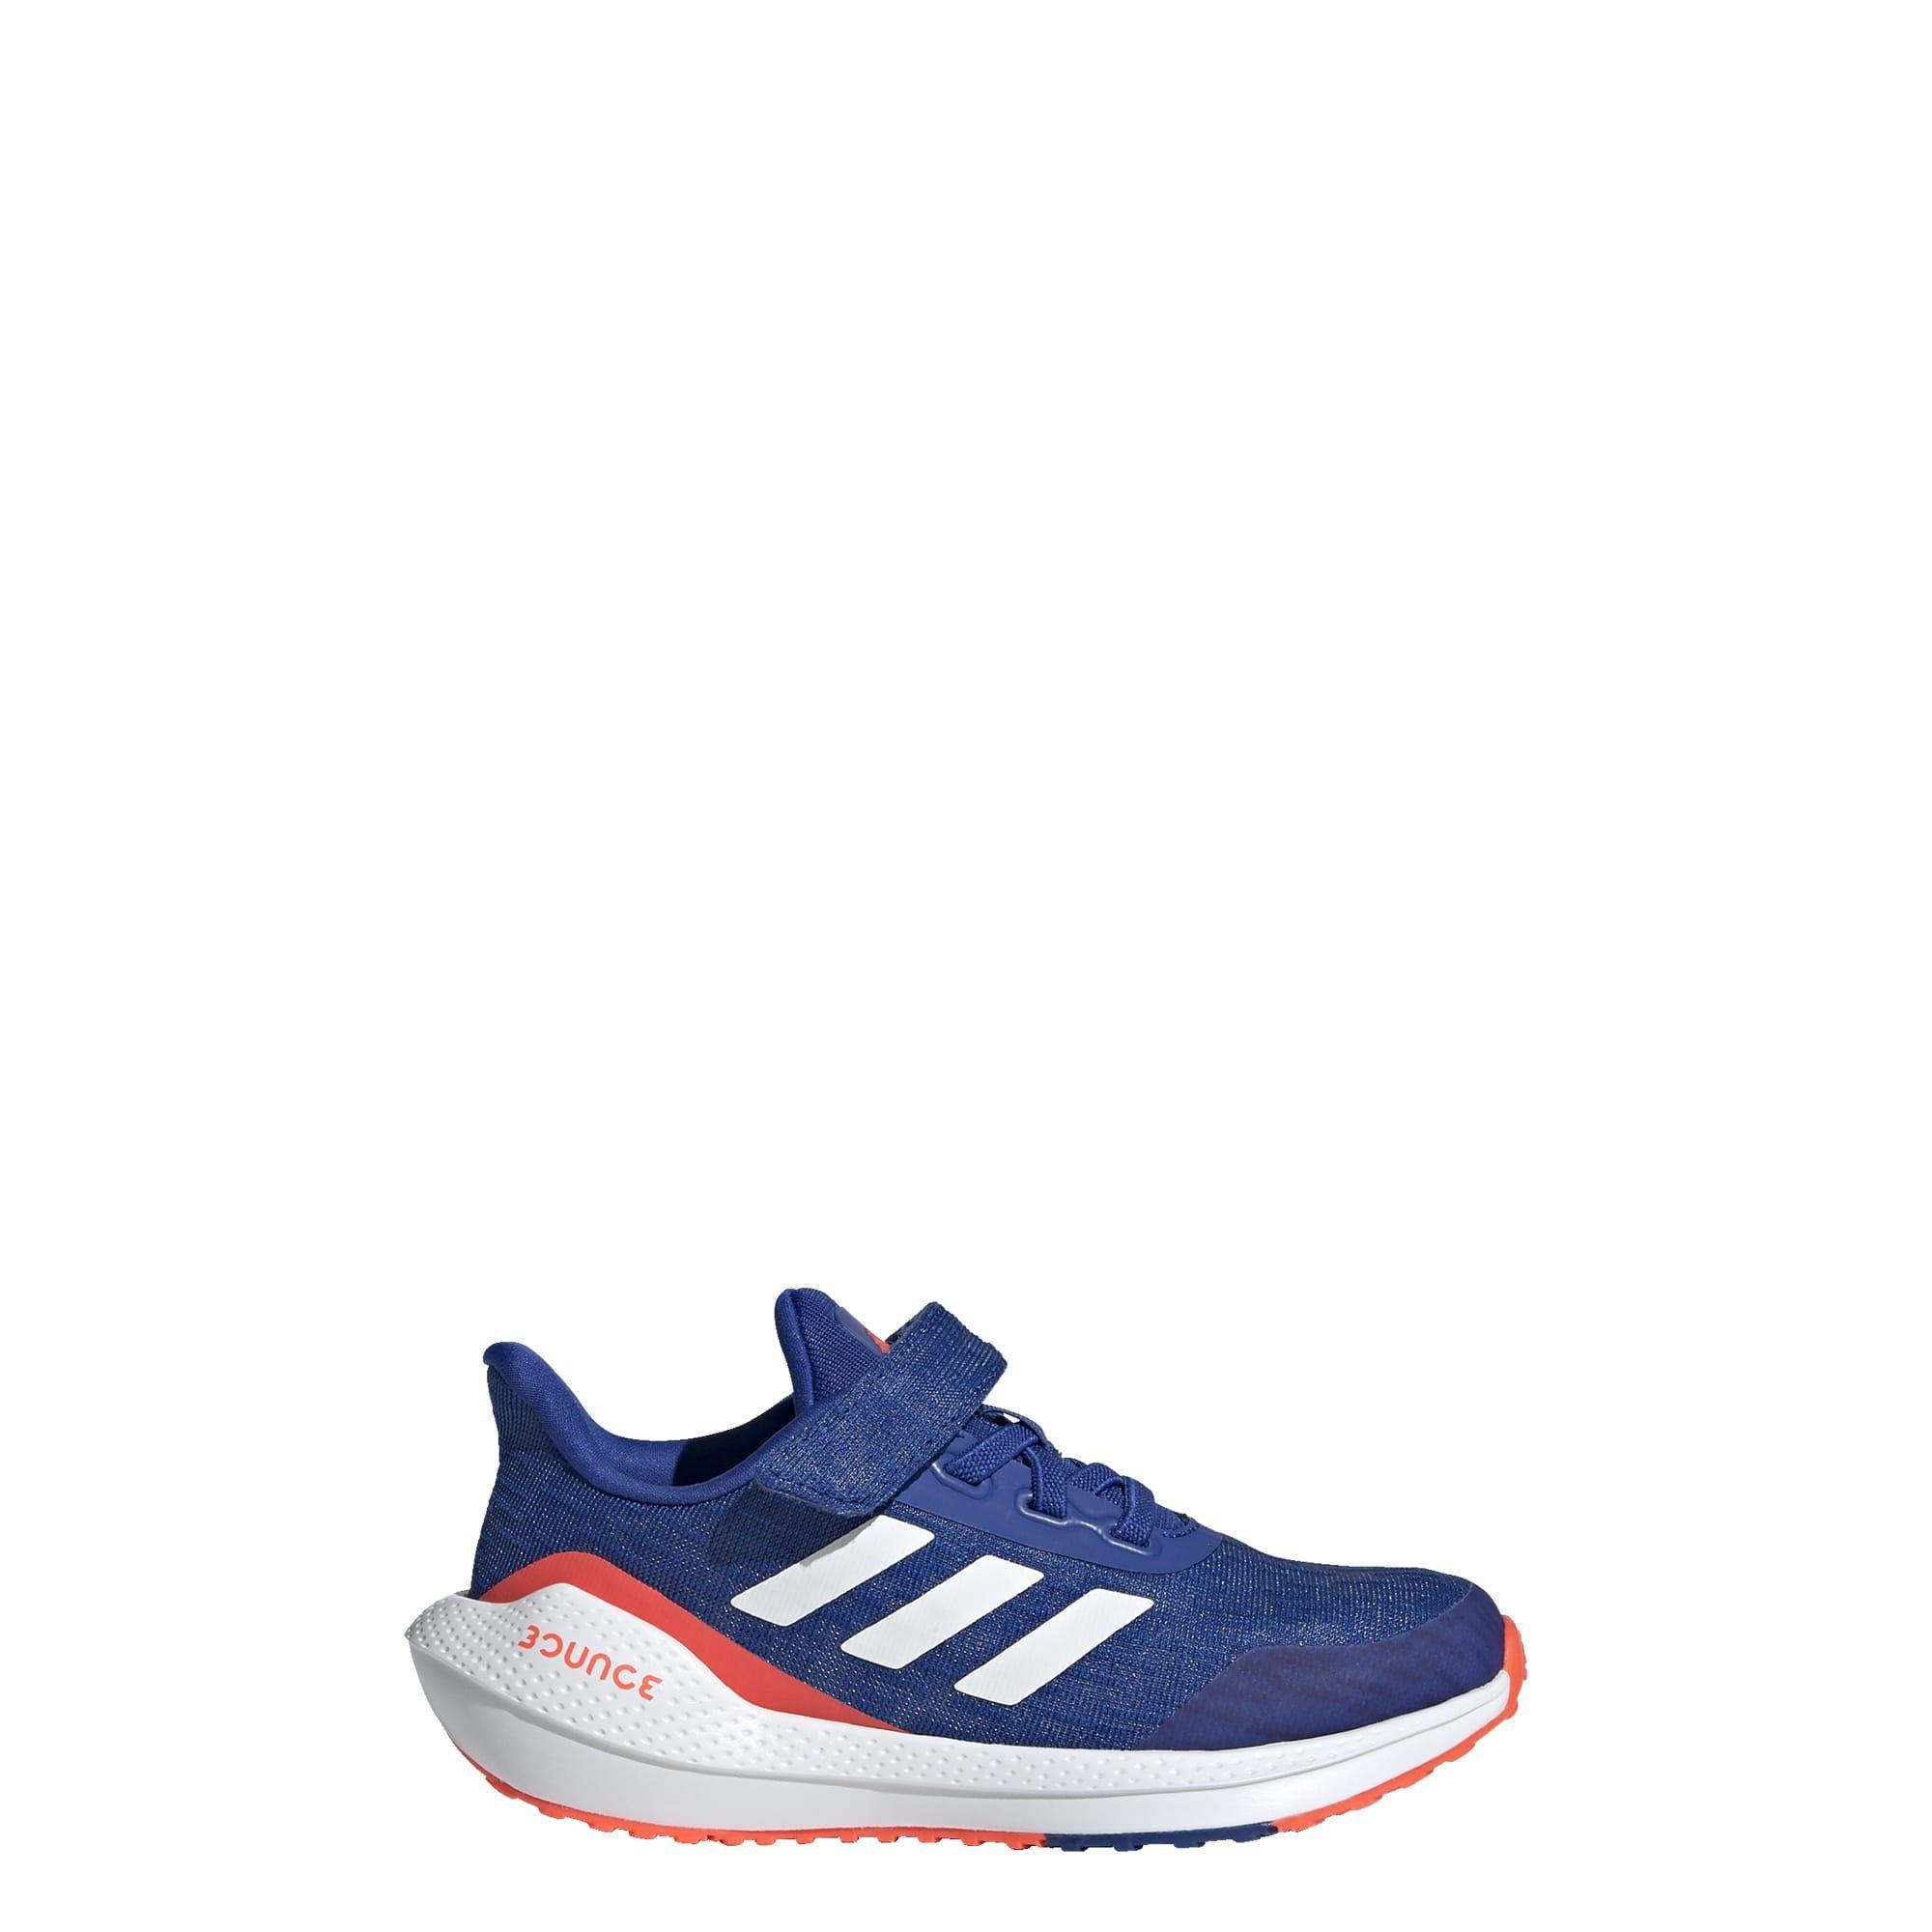 adidas EQ21 Run Schoenen Kids Blauw Wit Rood